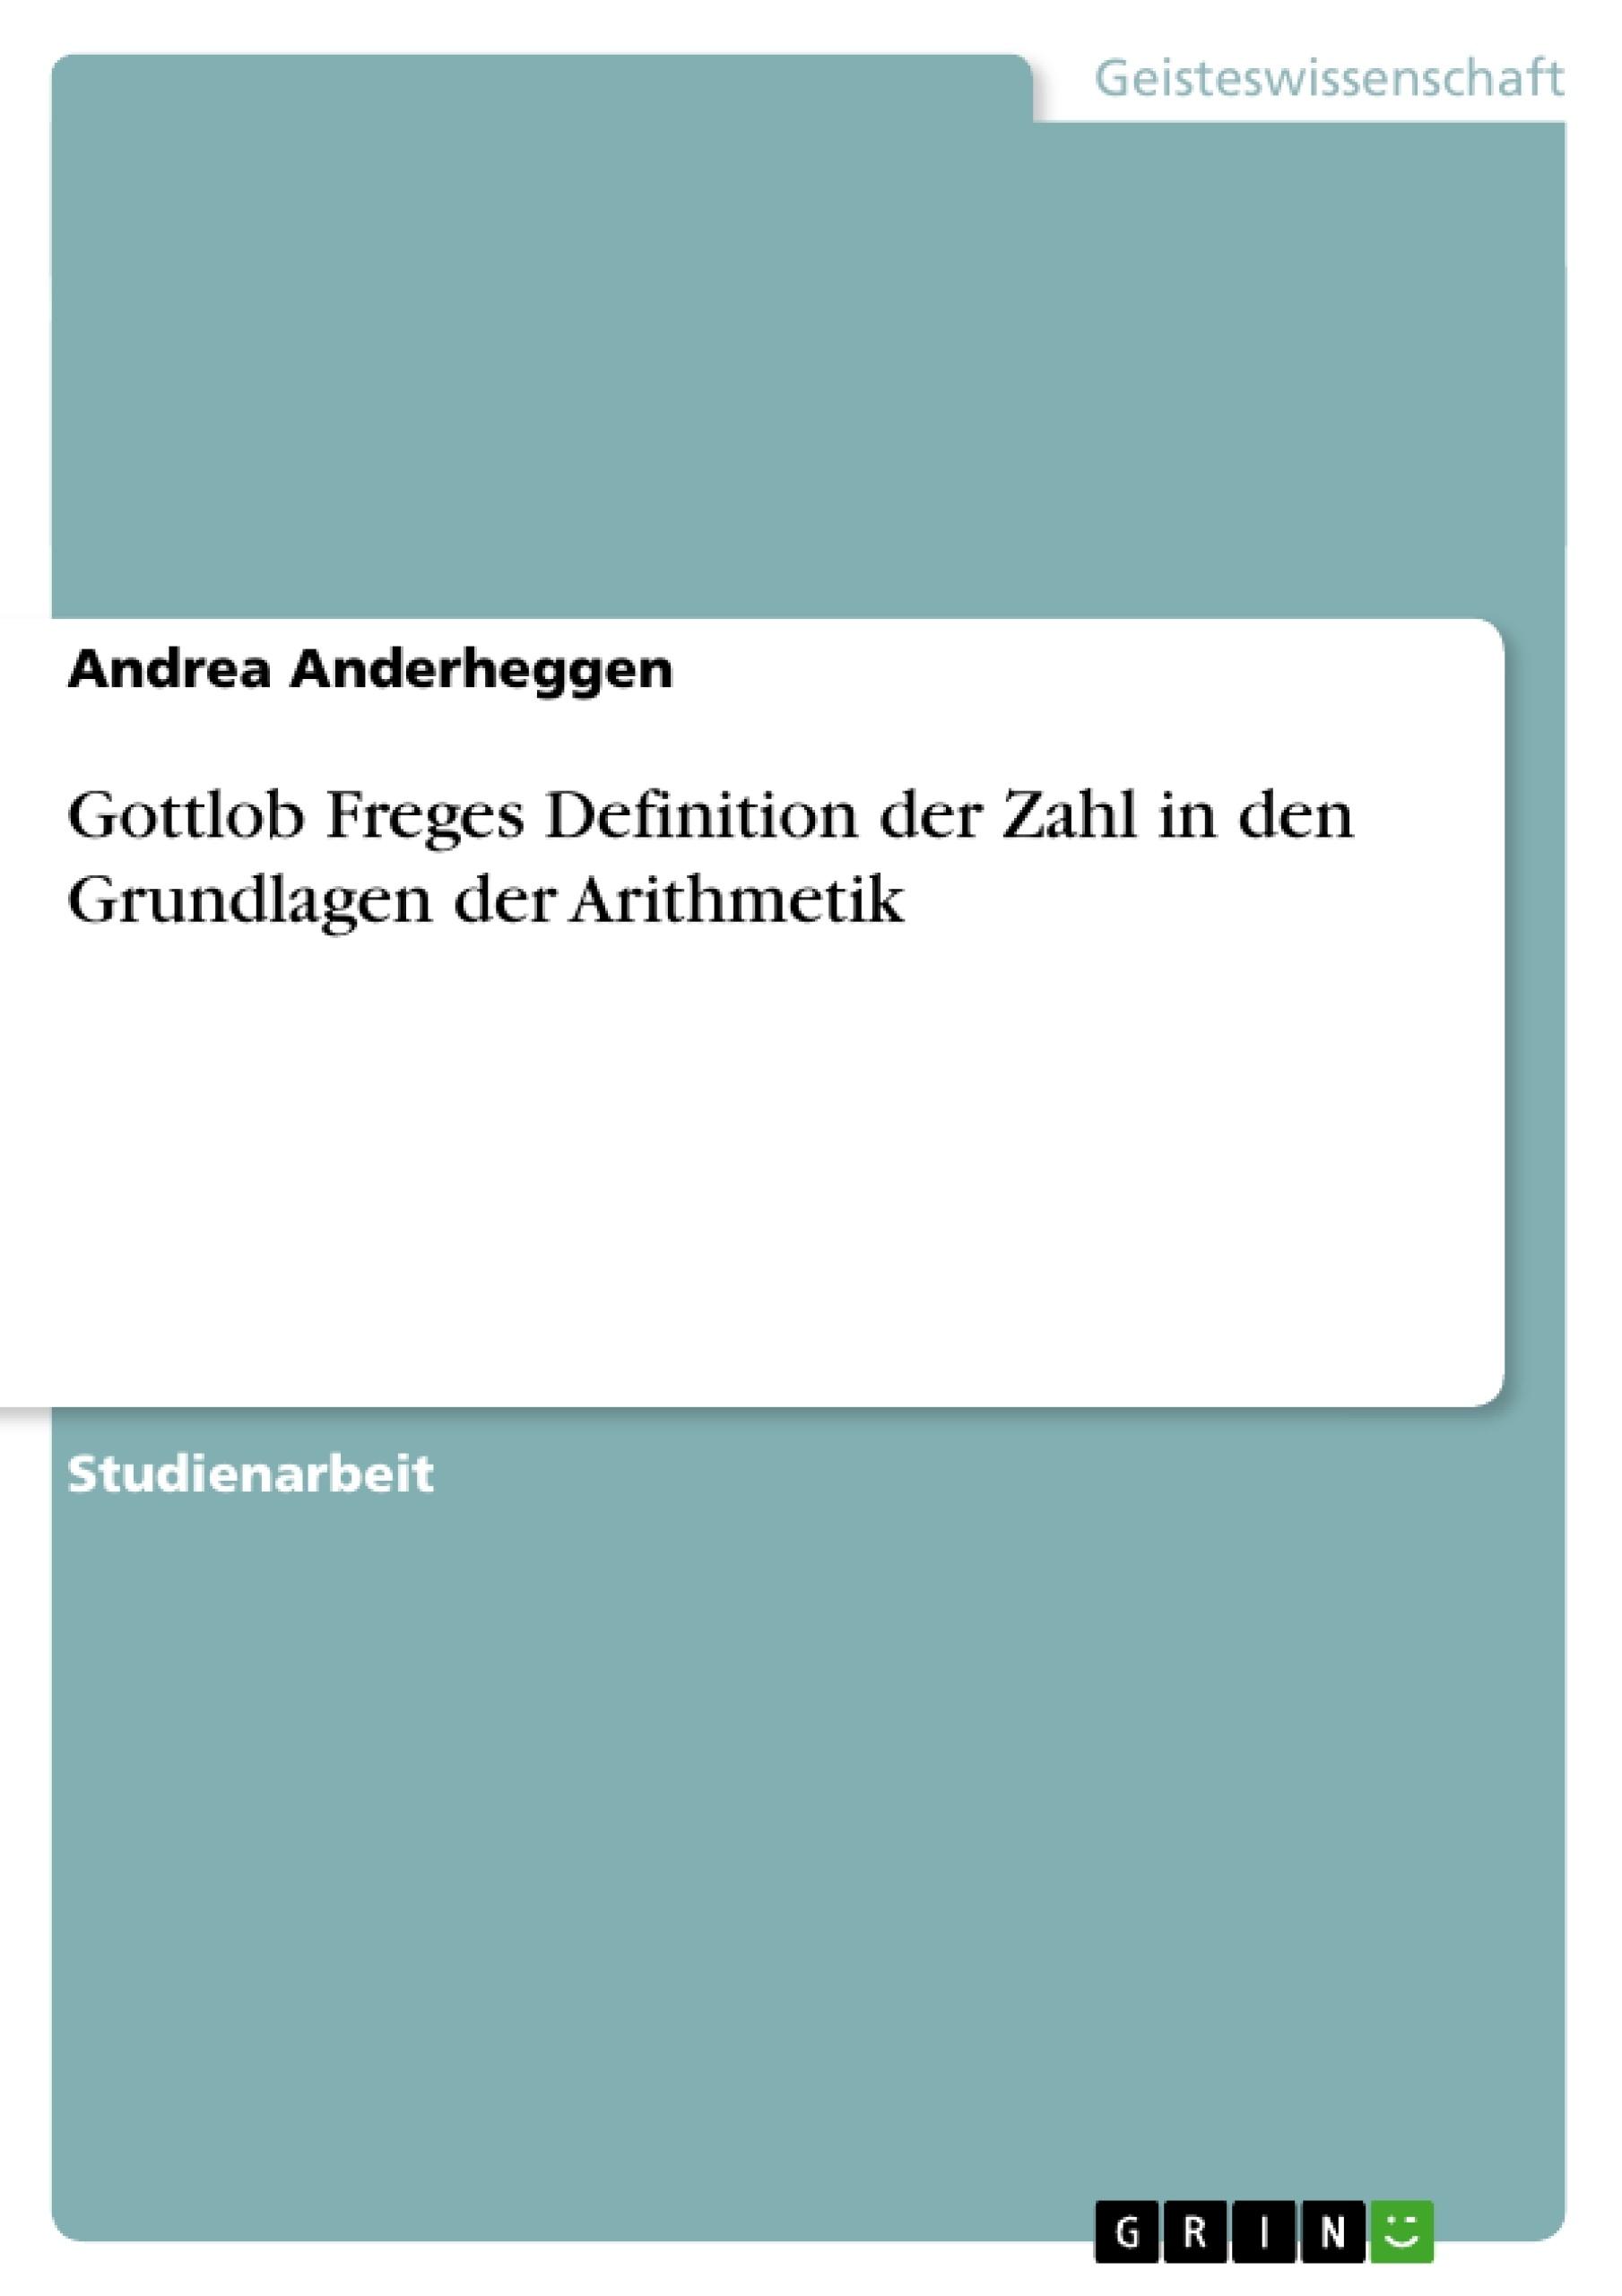 Titel: Gottlob Freges Definition der Zahl in den Grundlagen der Arithmetik